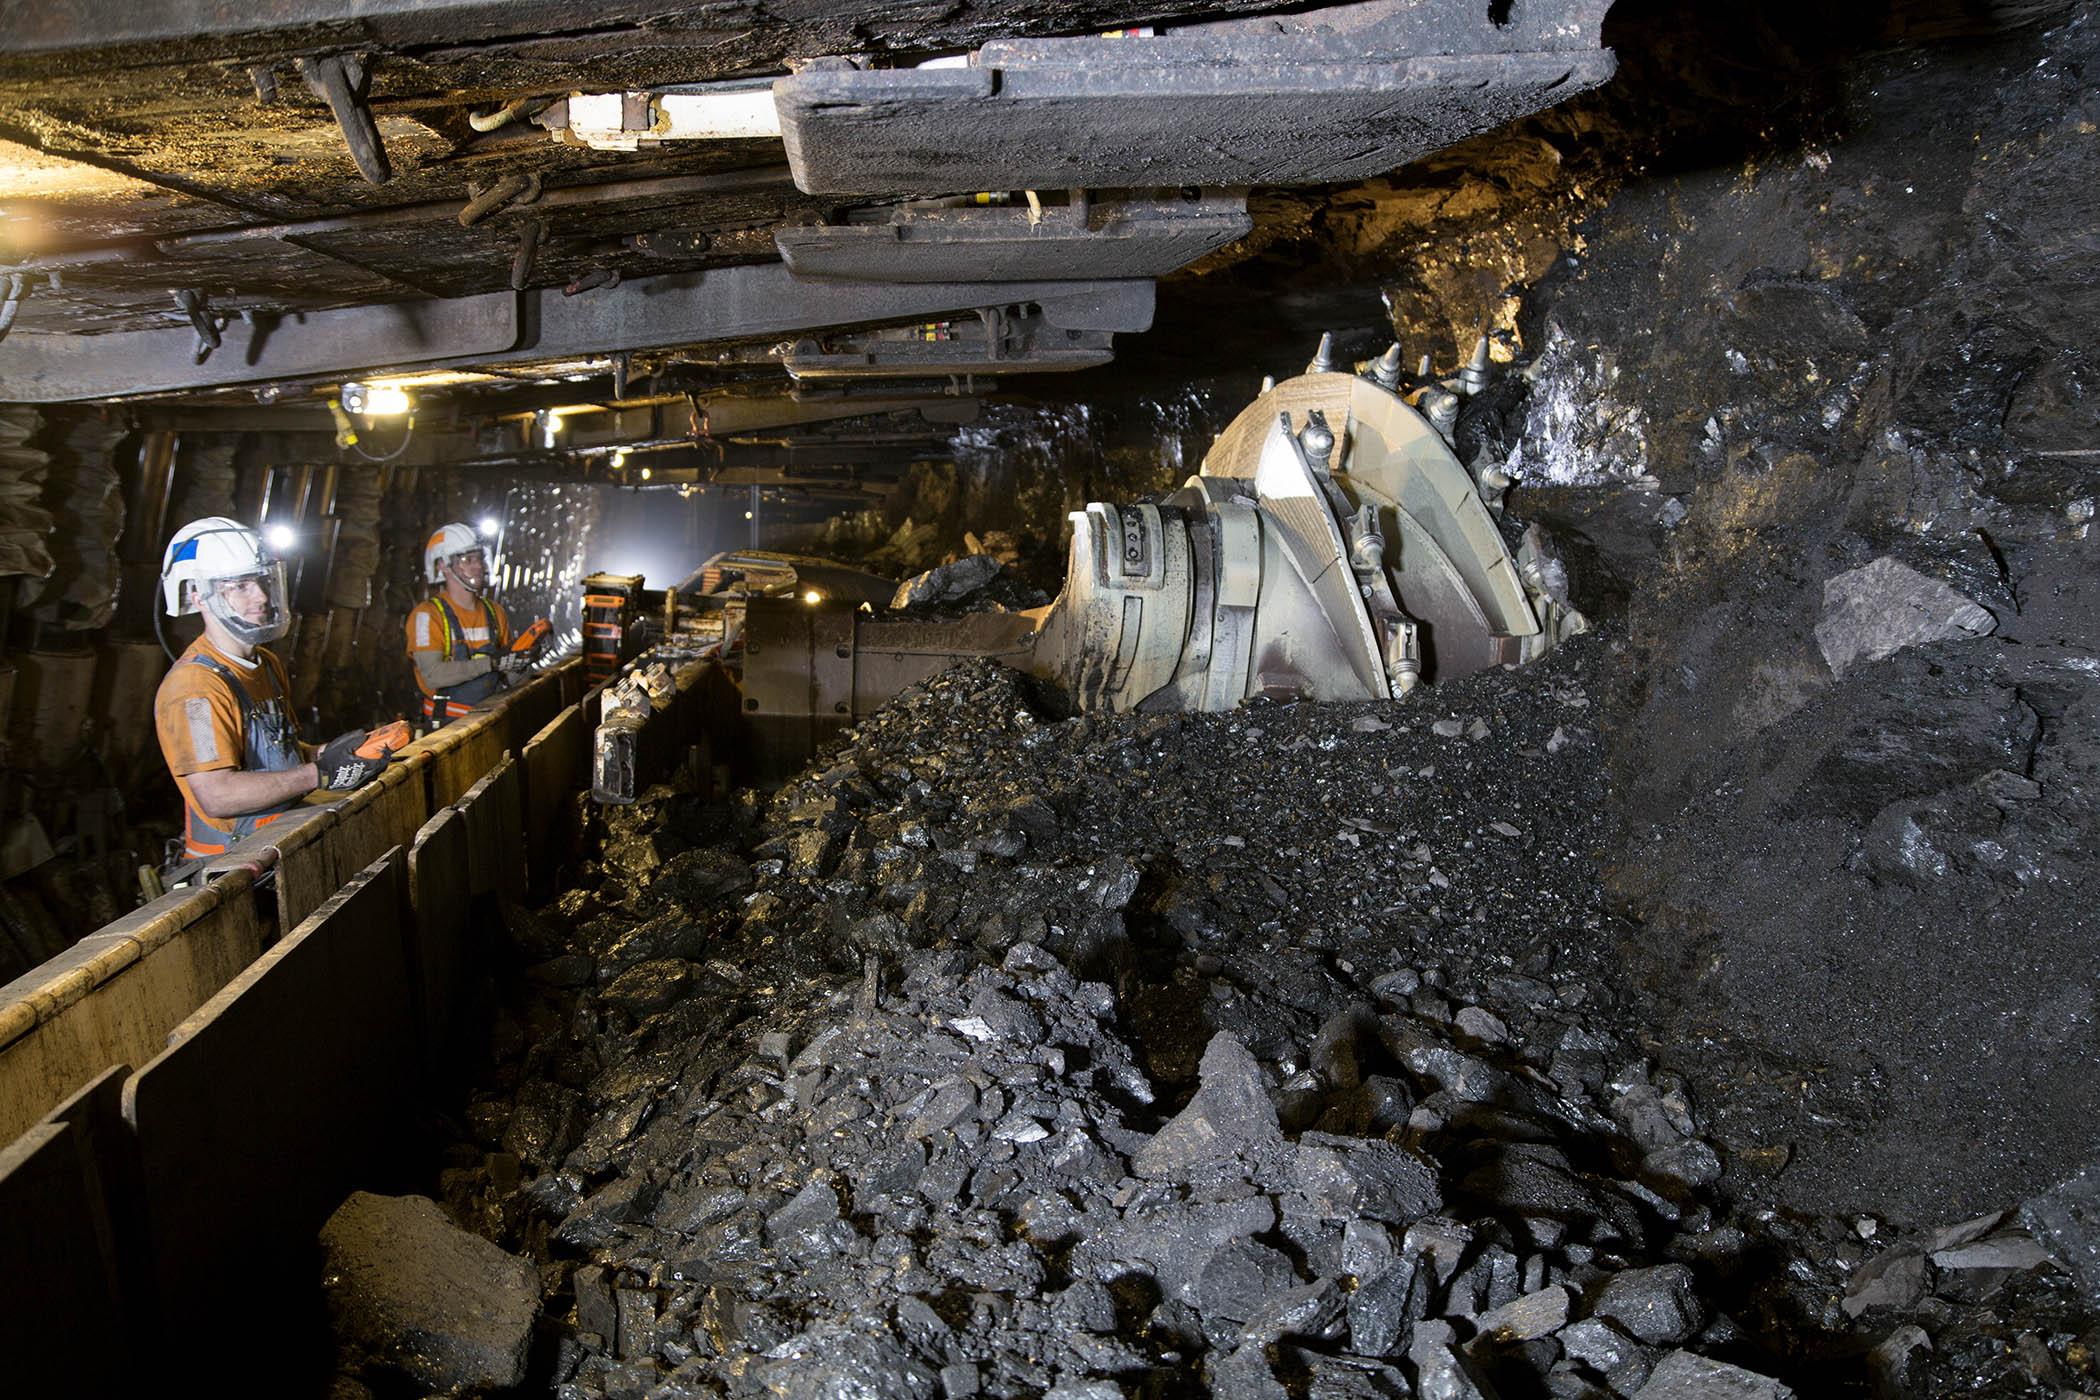 У жовтні саміт країн G20 розгляне питання відмови від вугілля